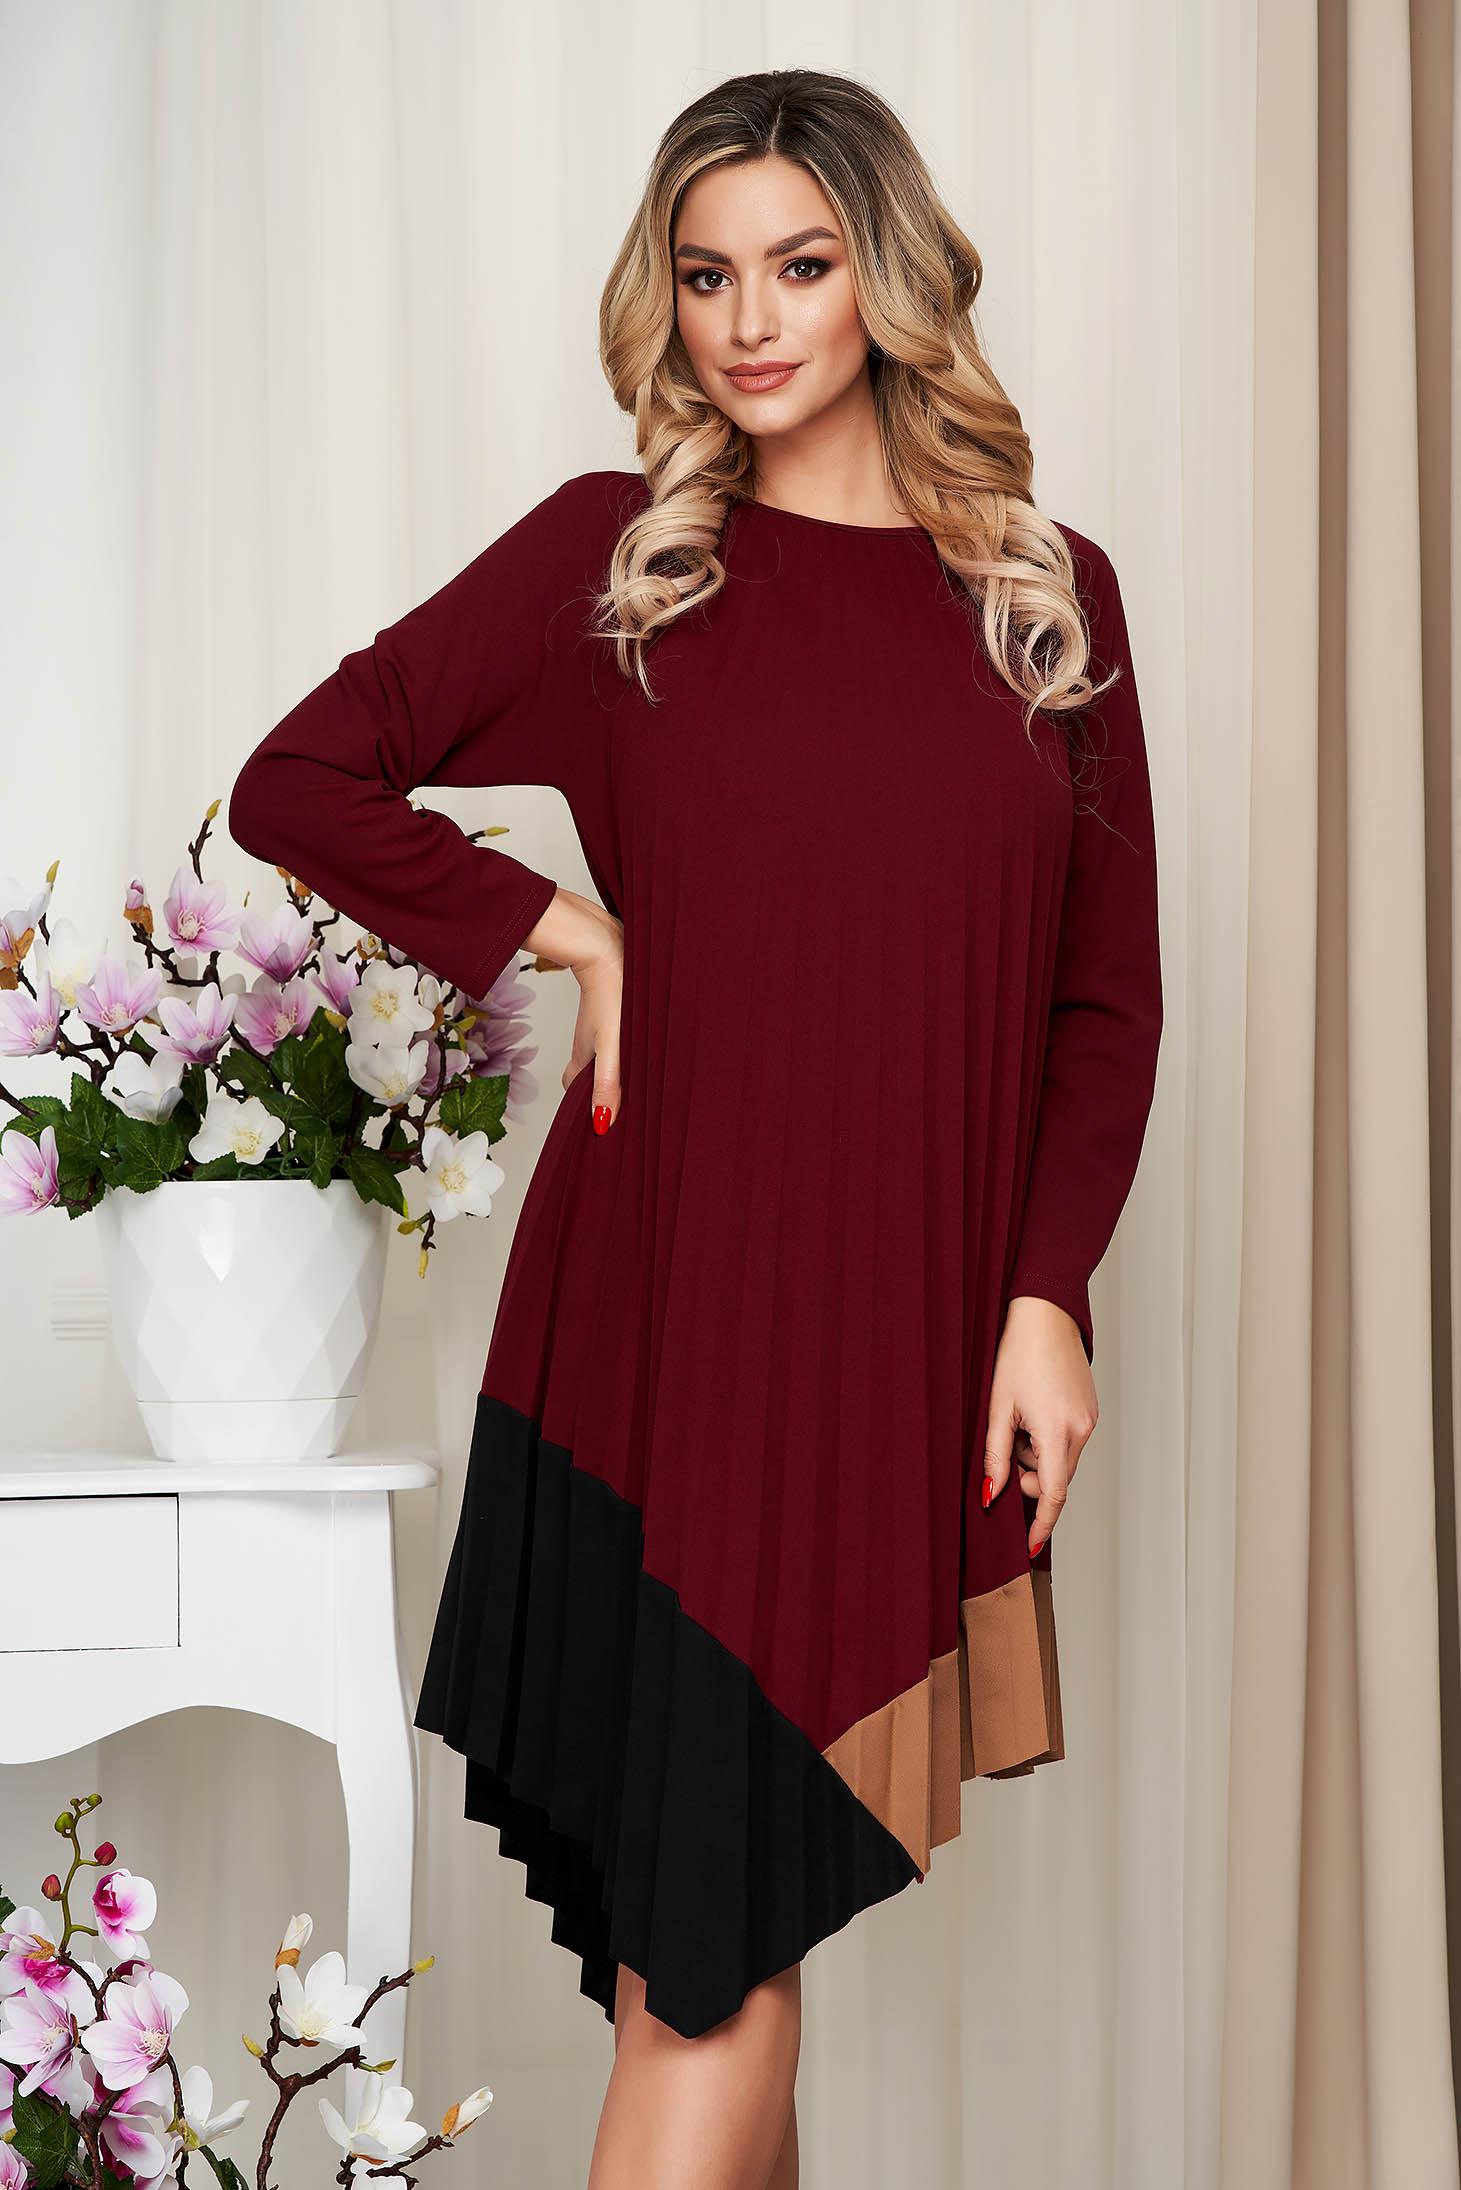 Bő szabású aszimetrikus rakott, pliszírozott burgundy ruha